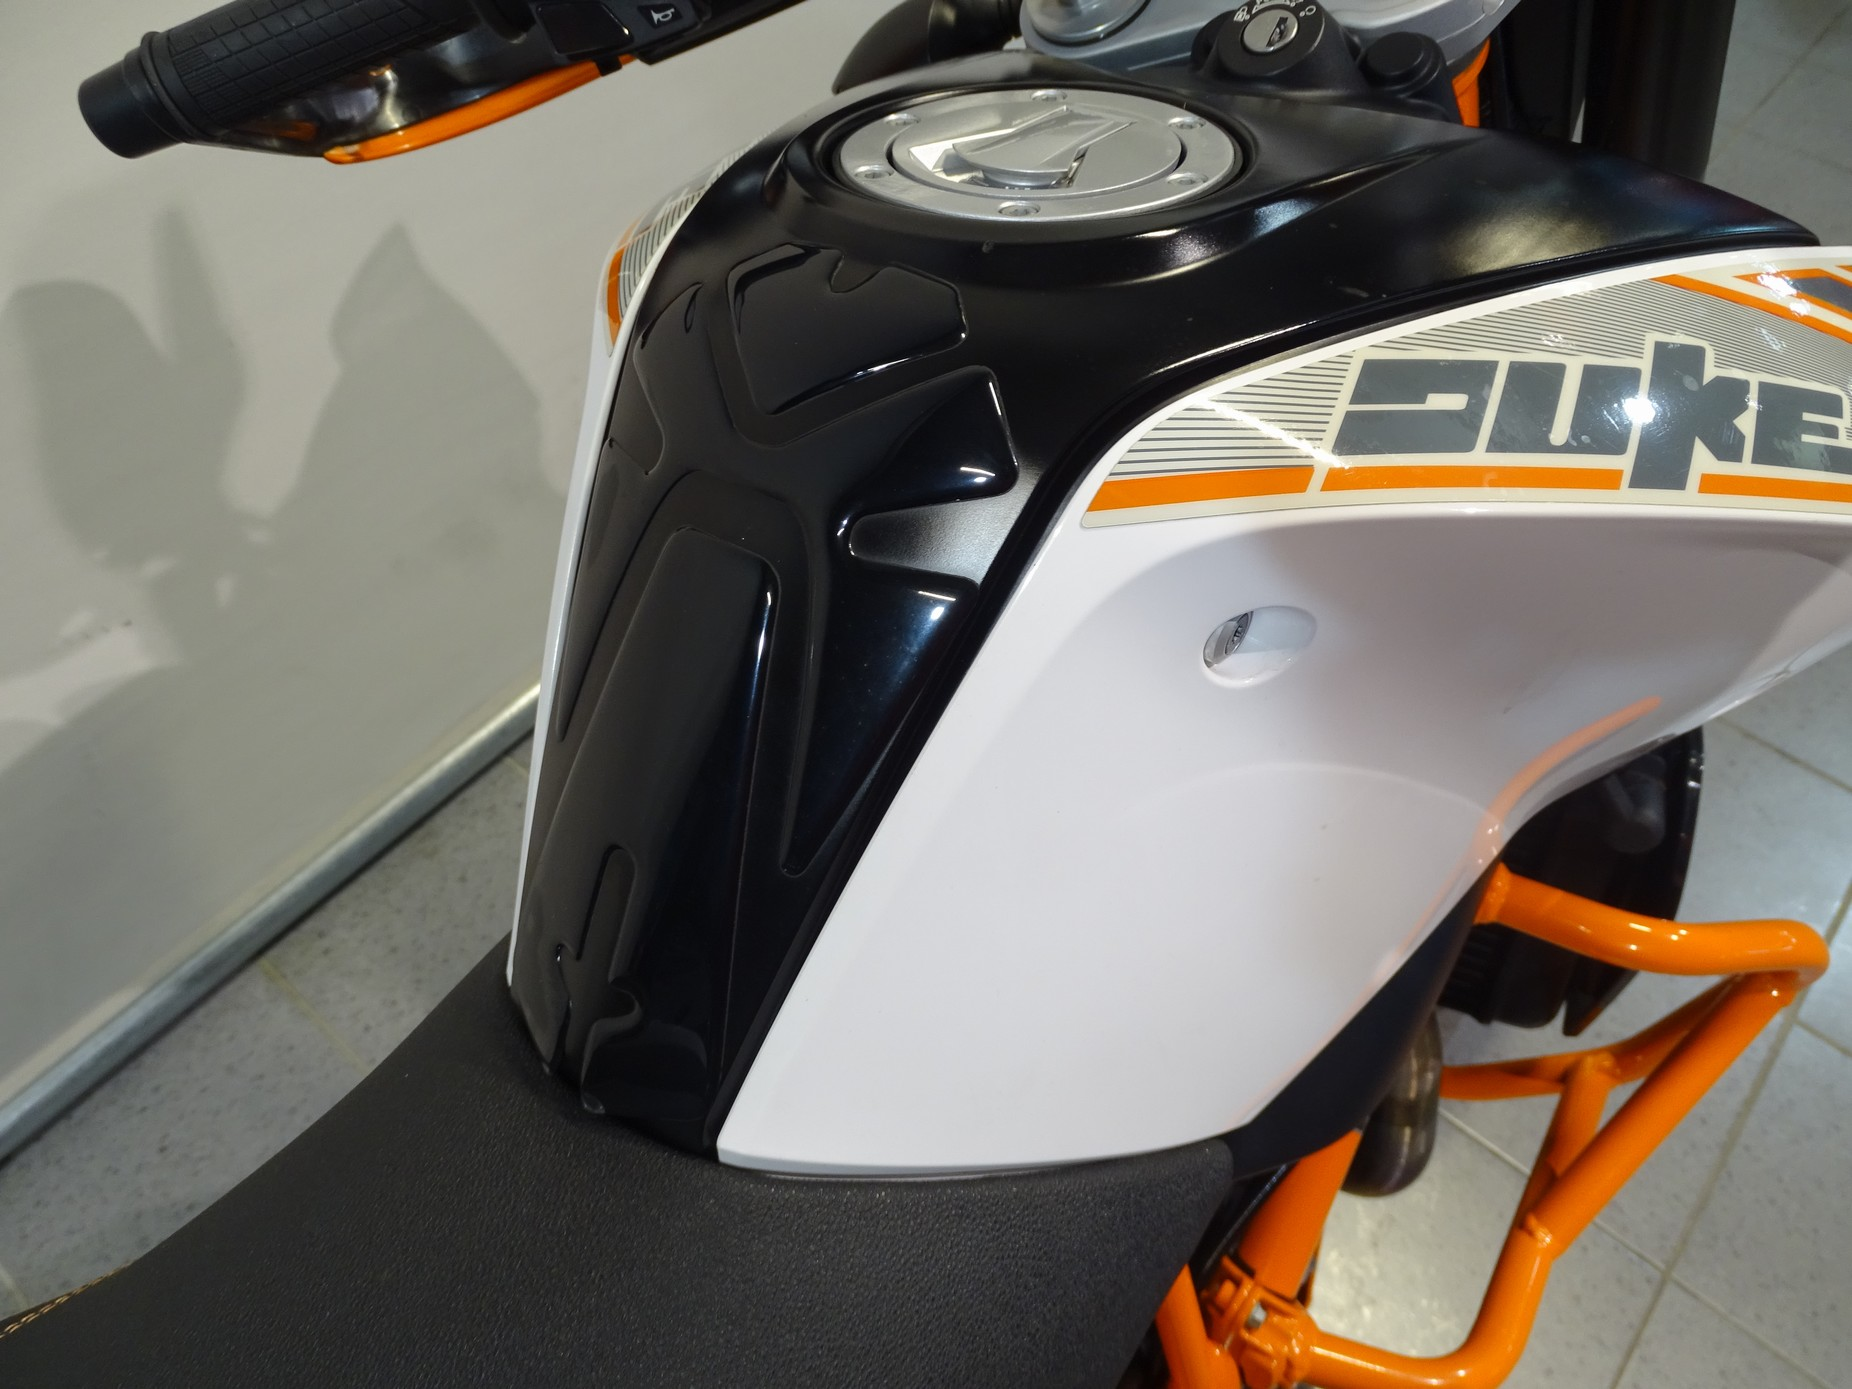 KTM - 690 DUKE ABS